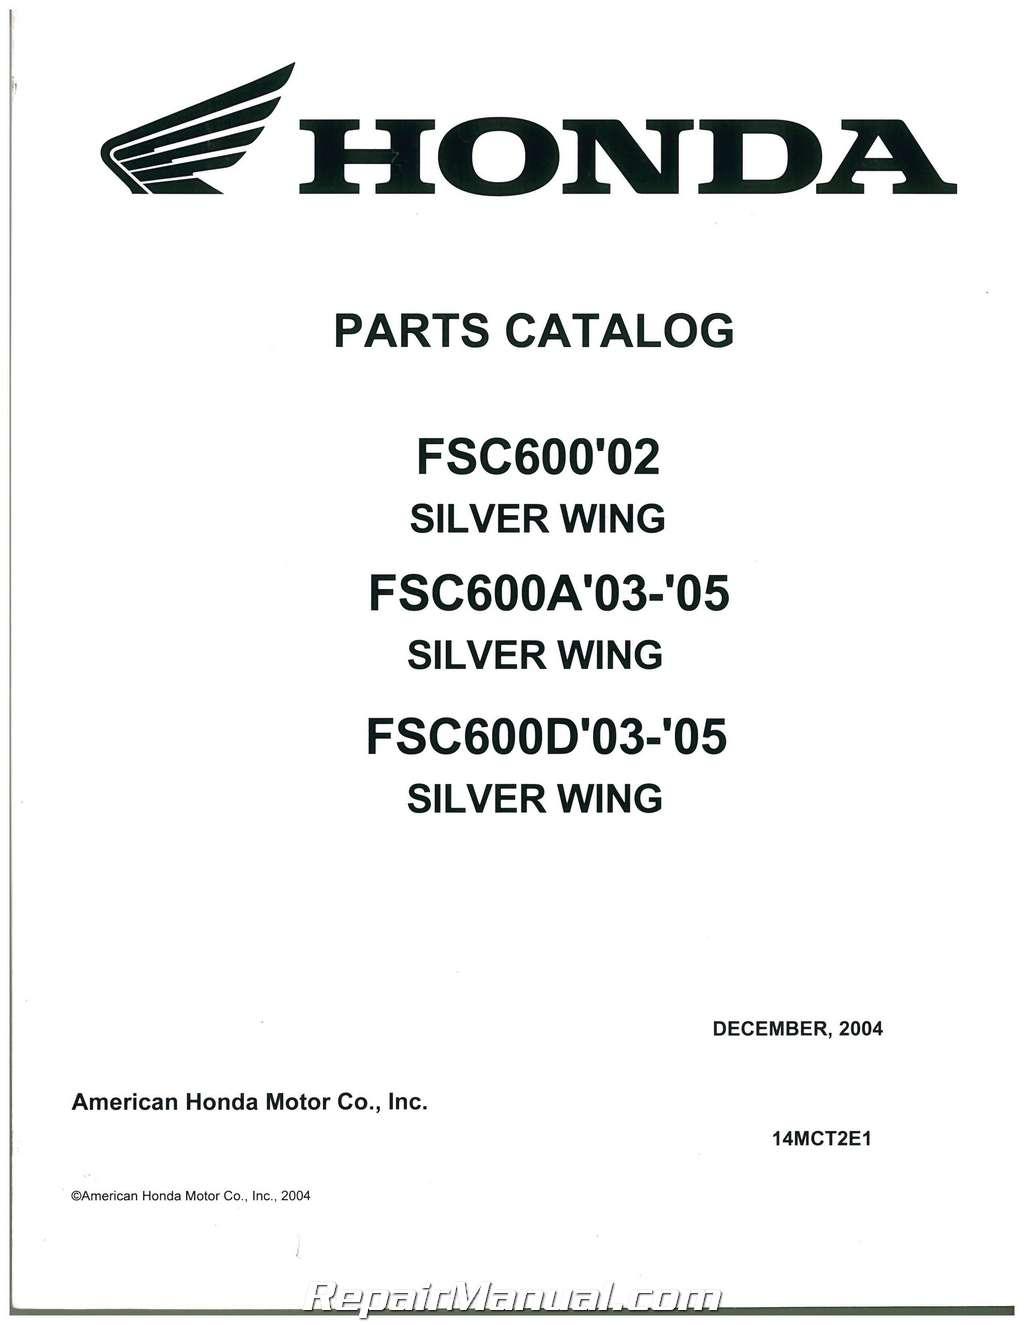 Honda Fsc600 Silver Wing Motorcycle Parts Manual